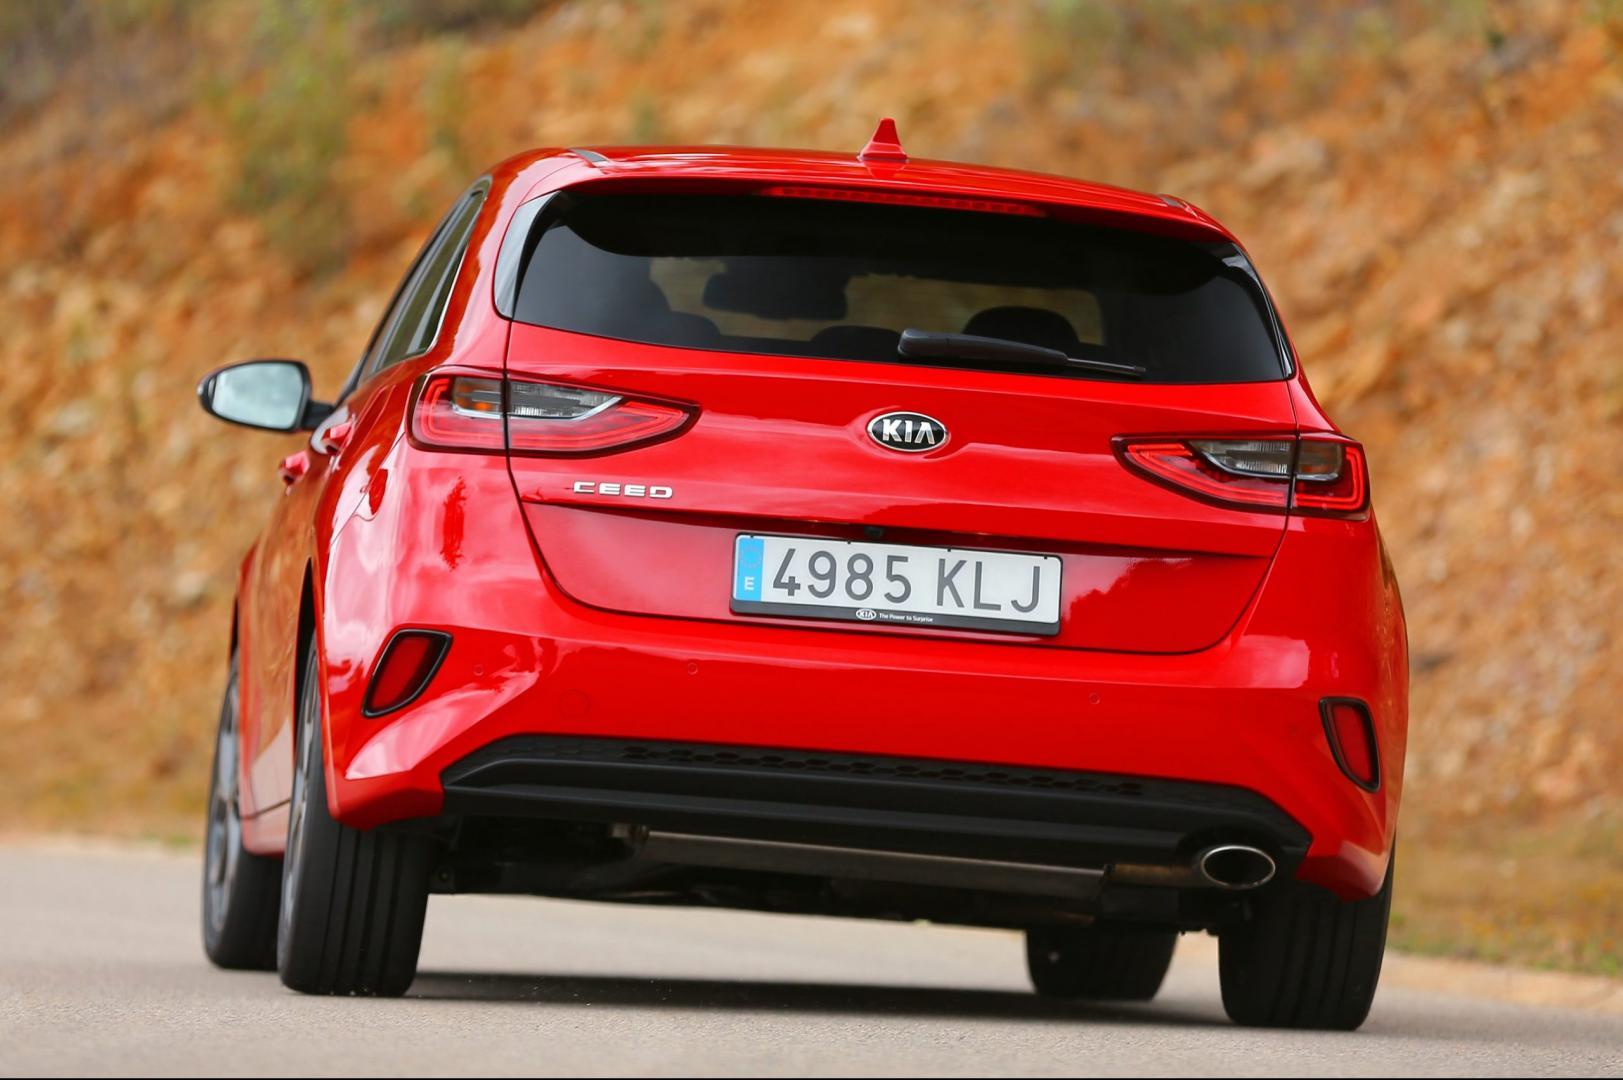 Kia Ceed 1.4 T-GDI 140 pk DynamicLine